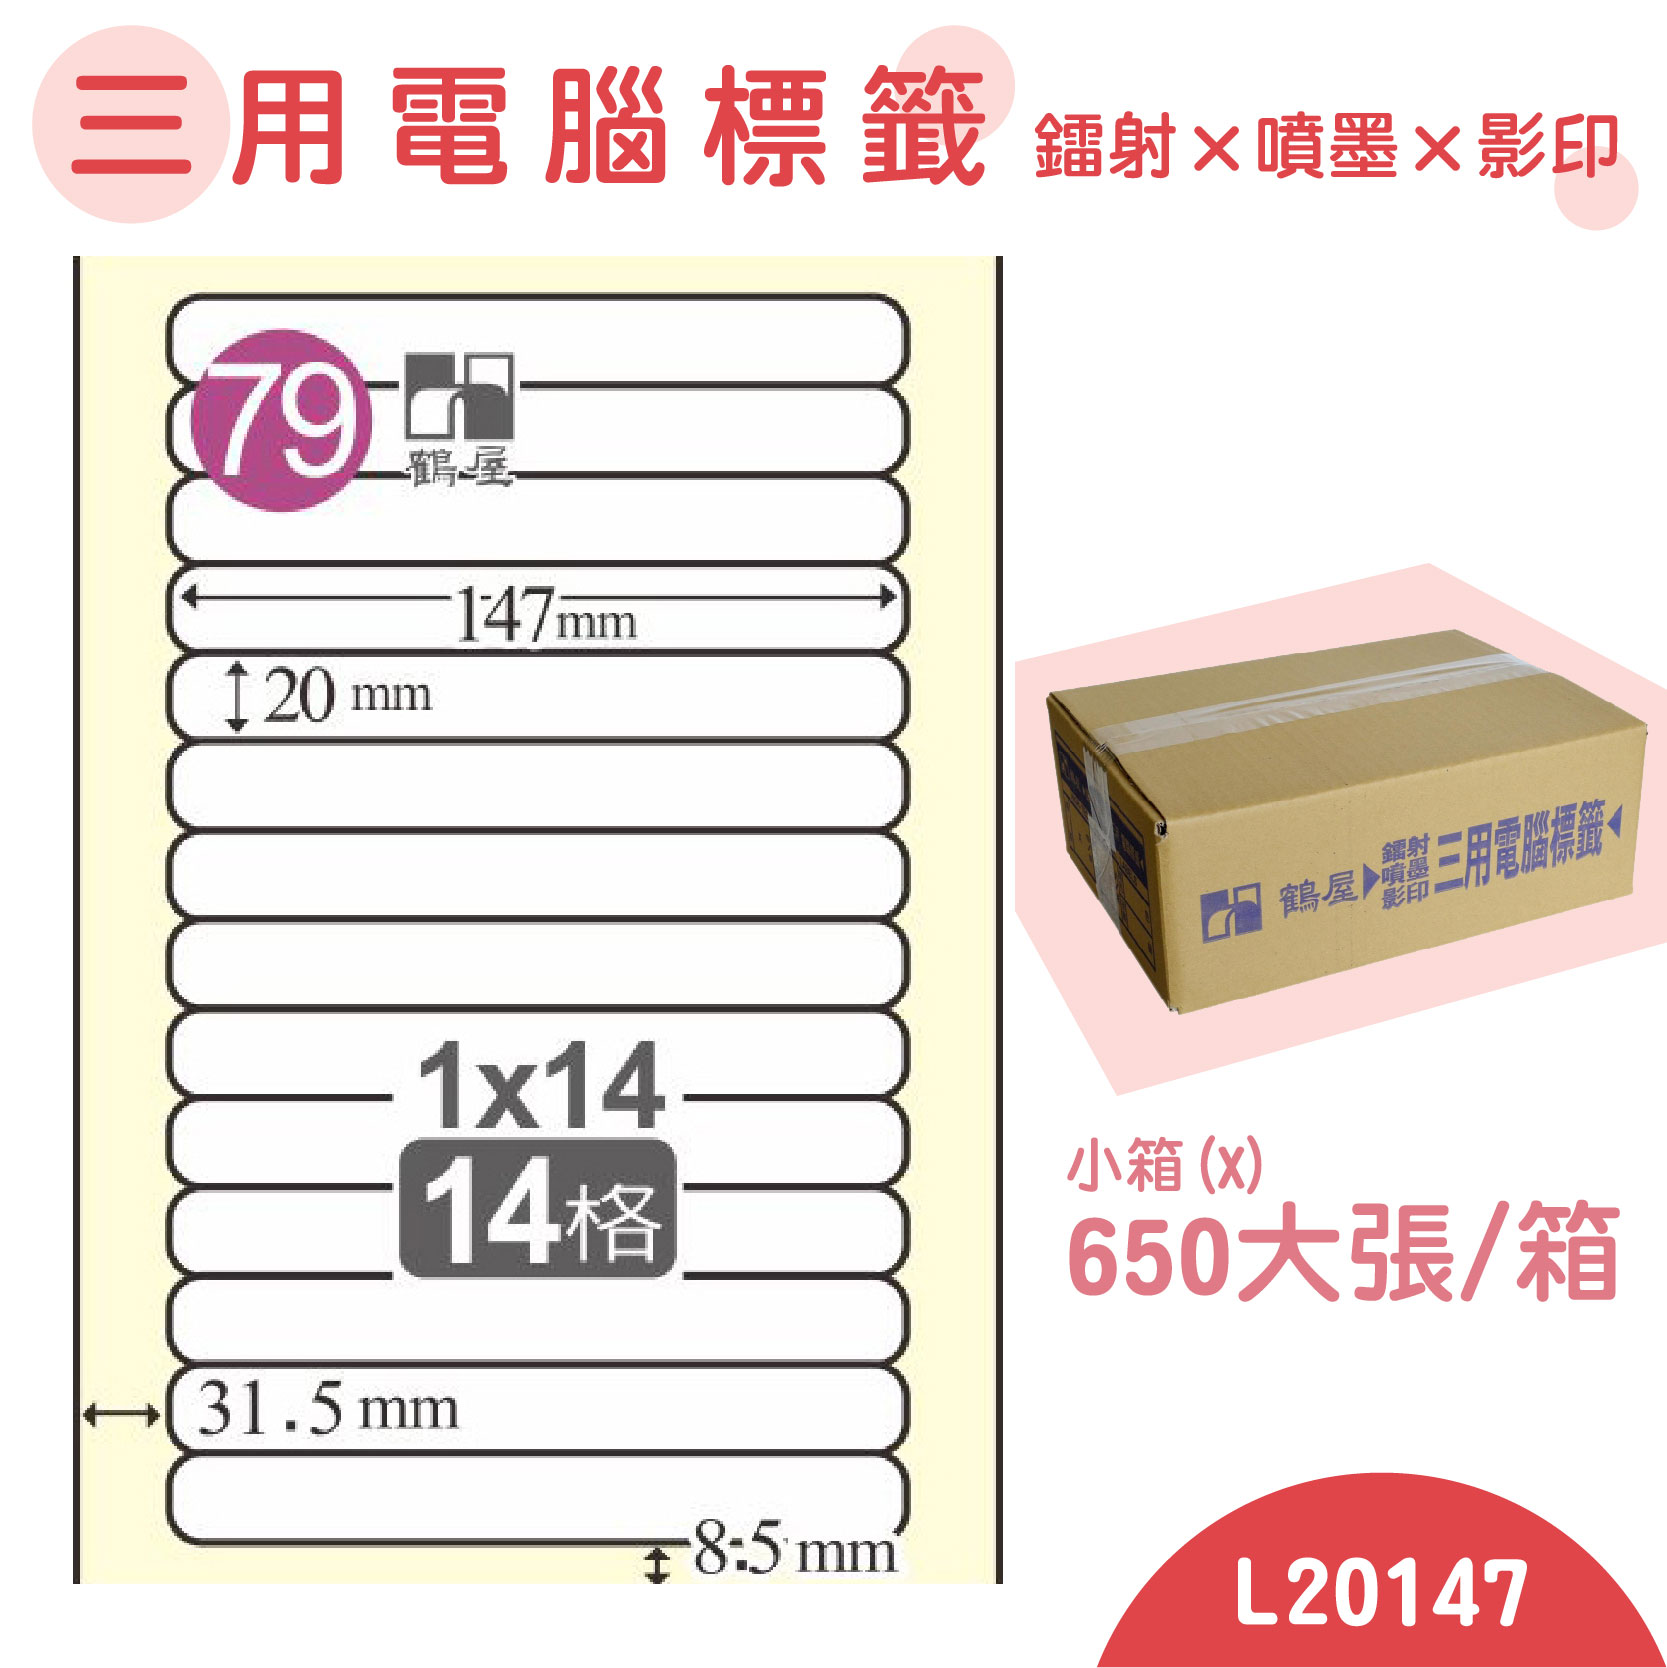 電腦標籤紙(鶴屋) 白色 L20147 14格 650大張/小箱 影印 雷射 噴墨 三用 標籤 貼紙 信封 光碟標籤